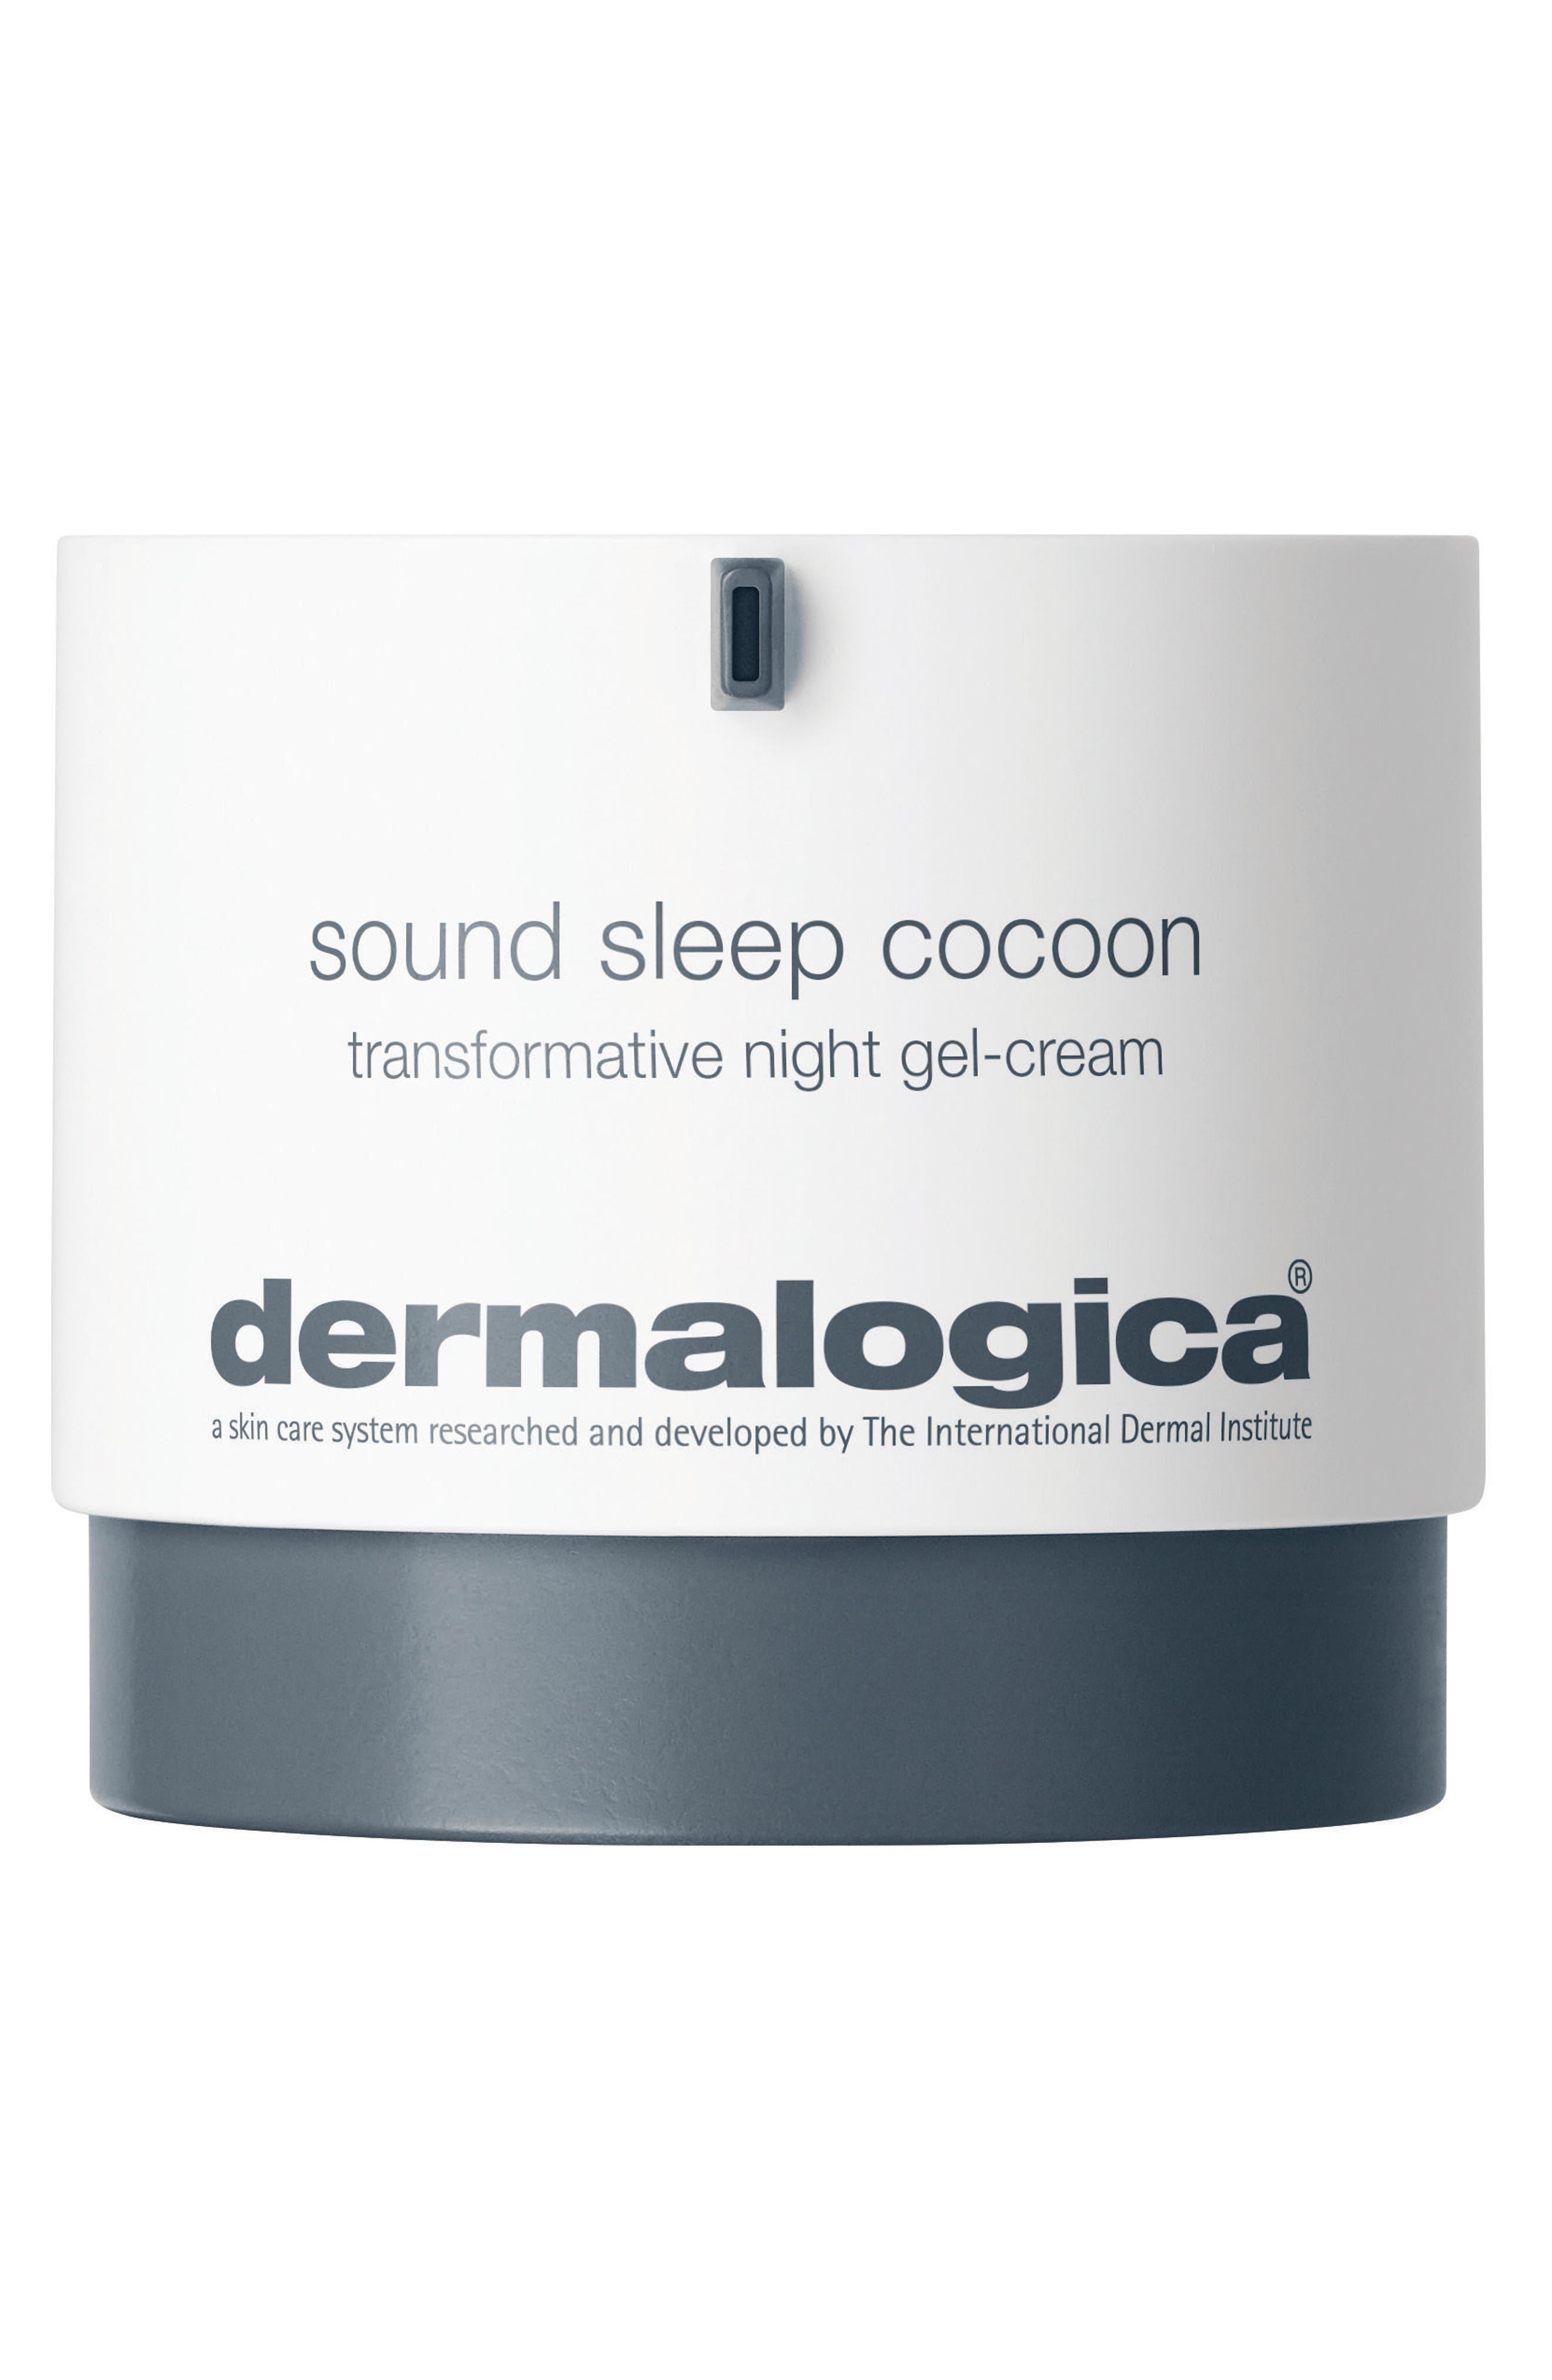 dermalogica® Sound Sleep Cocoon Transformative Night Gel-Cream